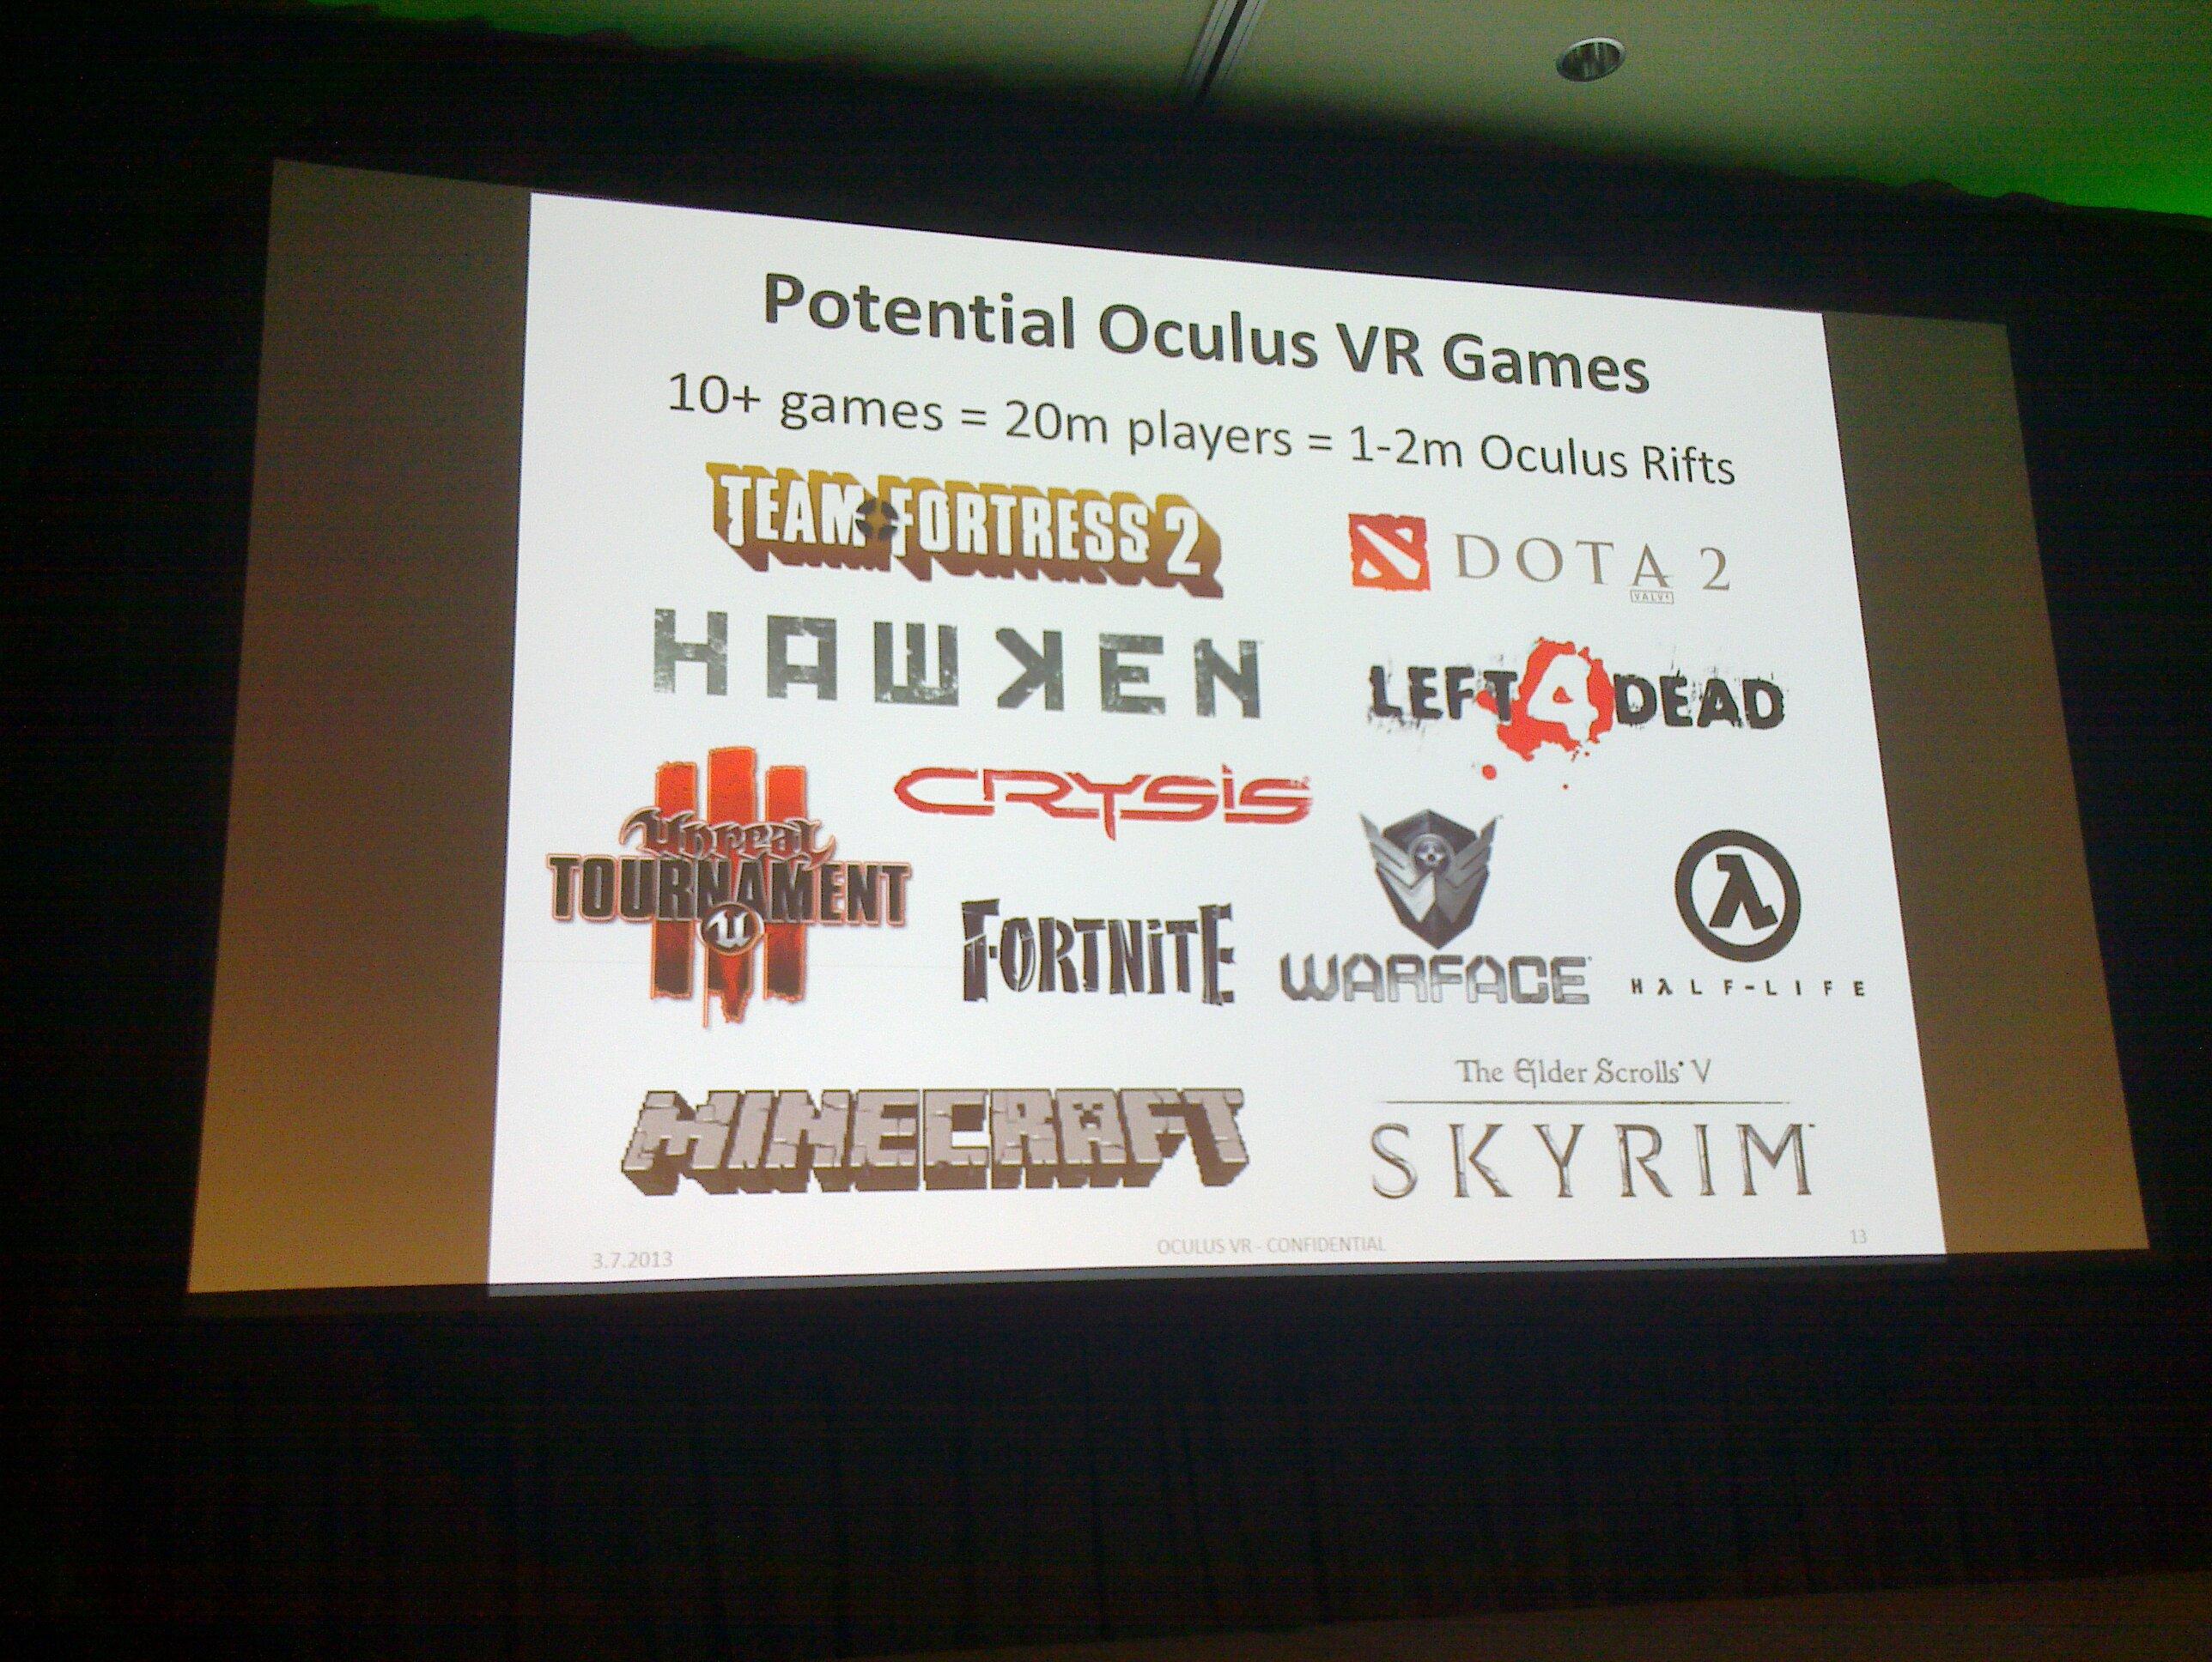 GTC 2013: Oculus VR Reveals Future of Oculus Rift at ECS - General Tech 3